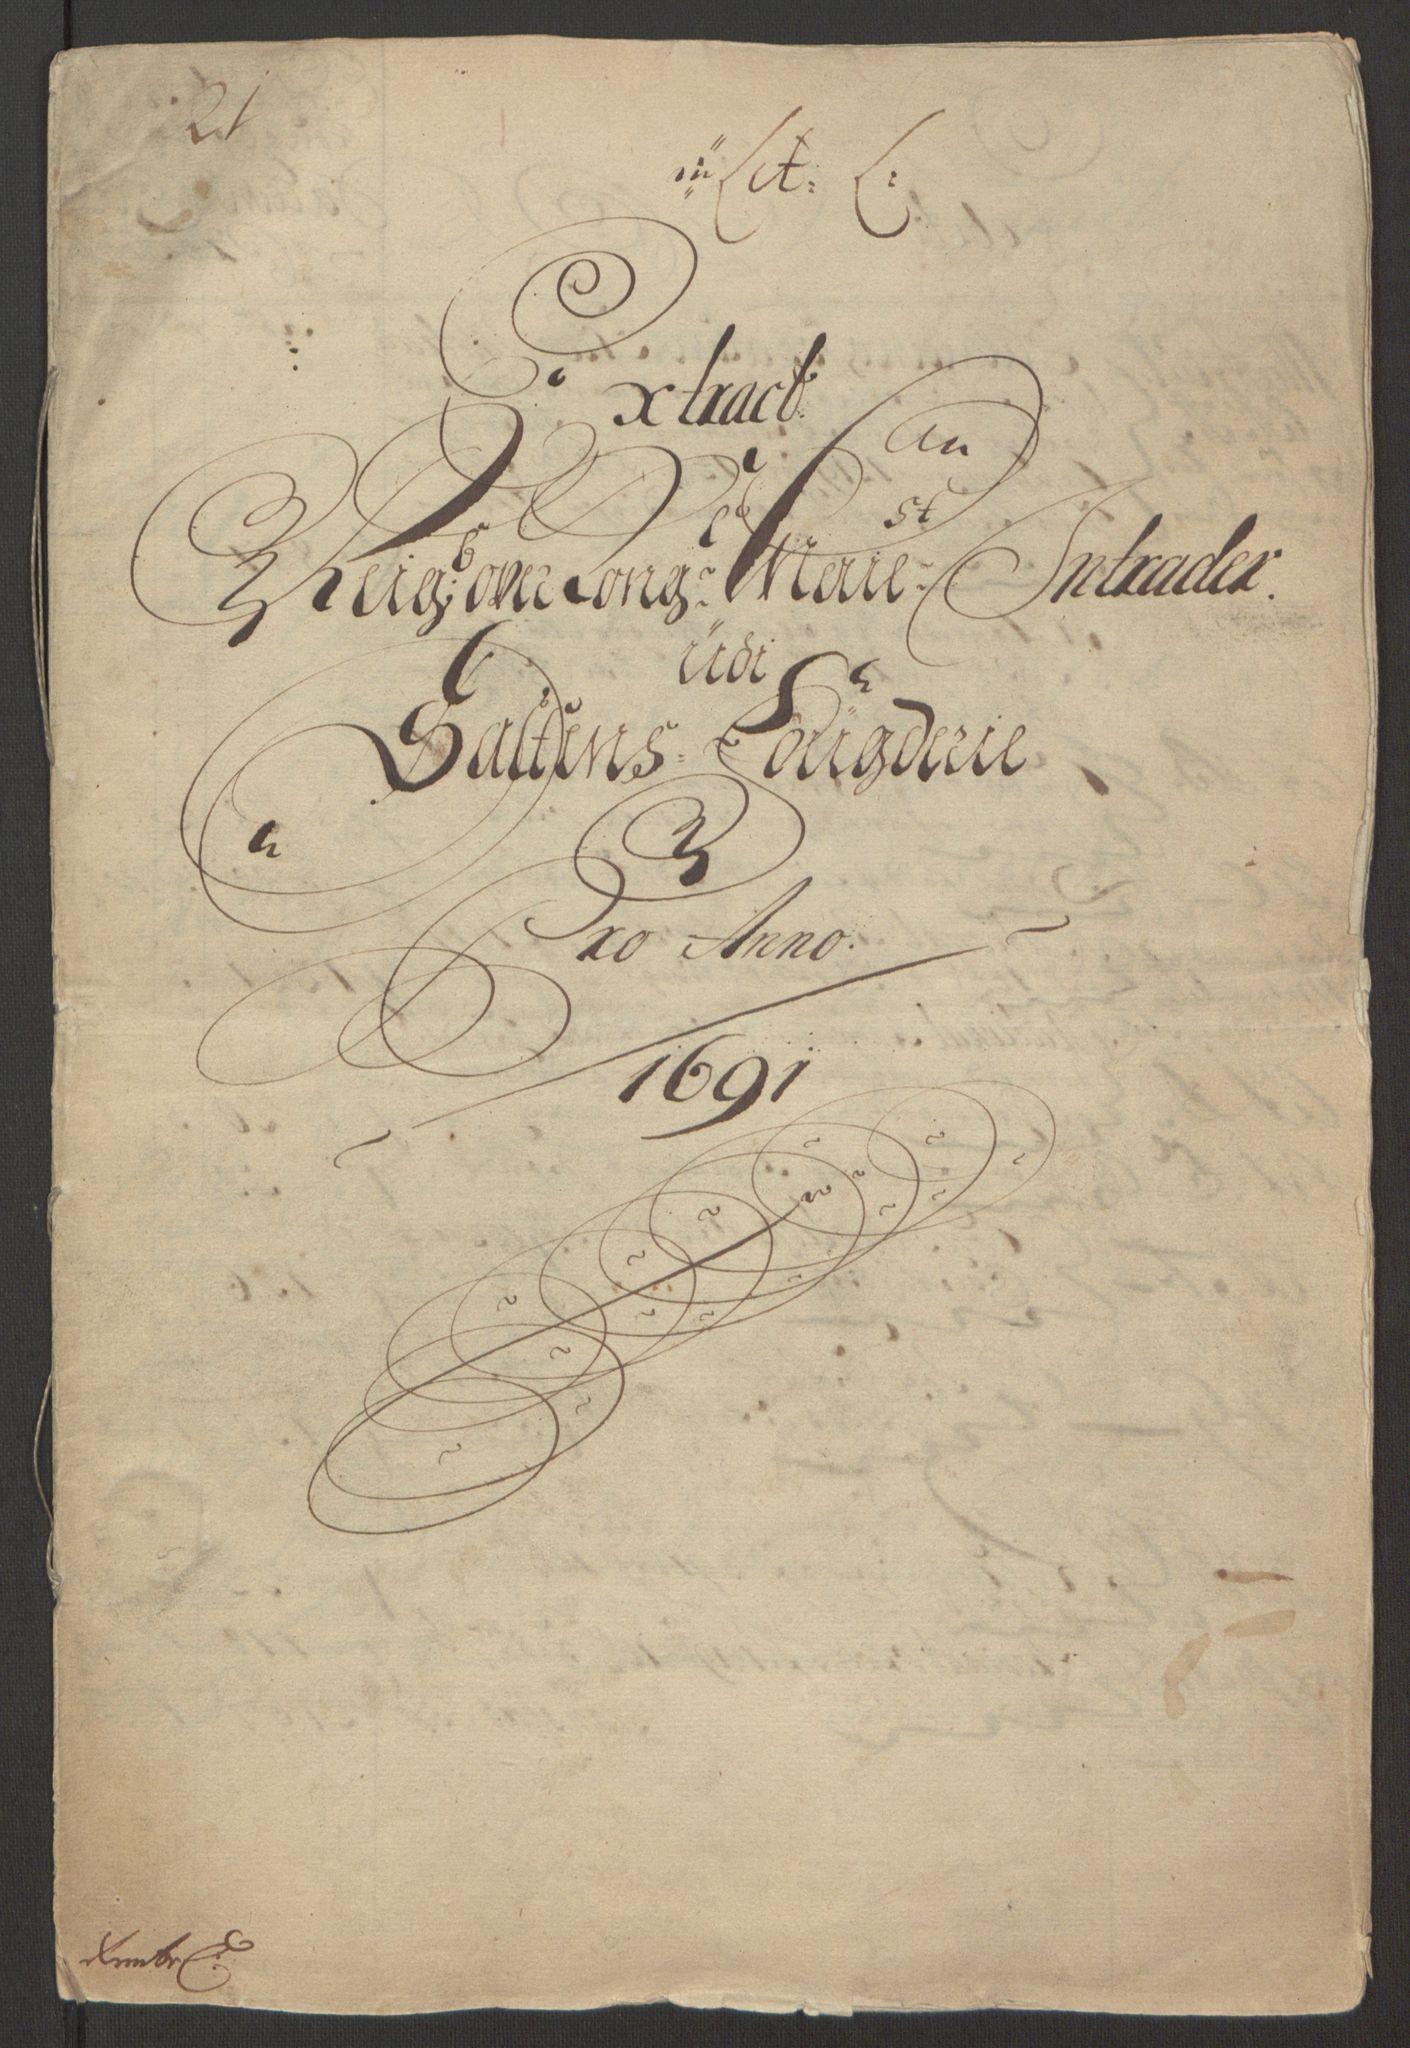 RA, Rentekammeret inntil 1814, Reviderte regnskaper, Fogderegnskap, R66/L4577: Fogderegnskap Salten, 1691-1693, s. 4